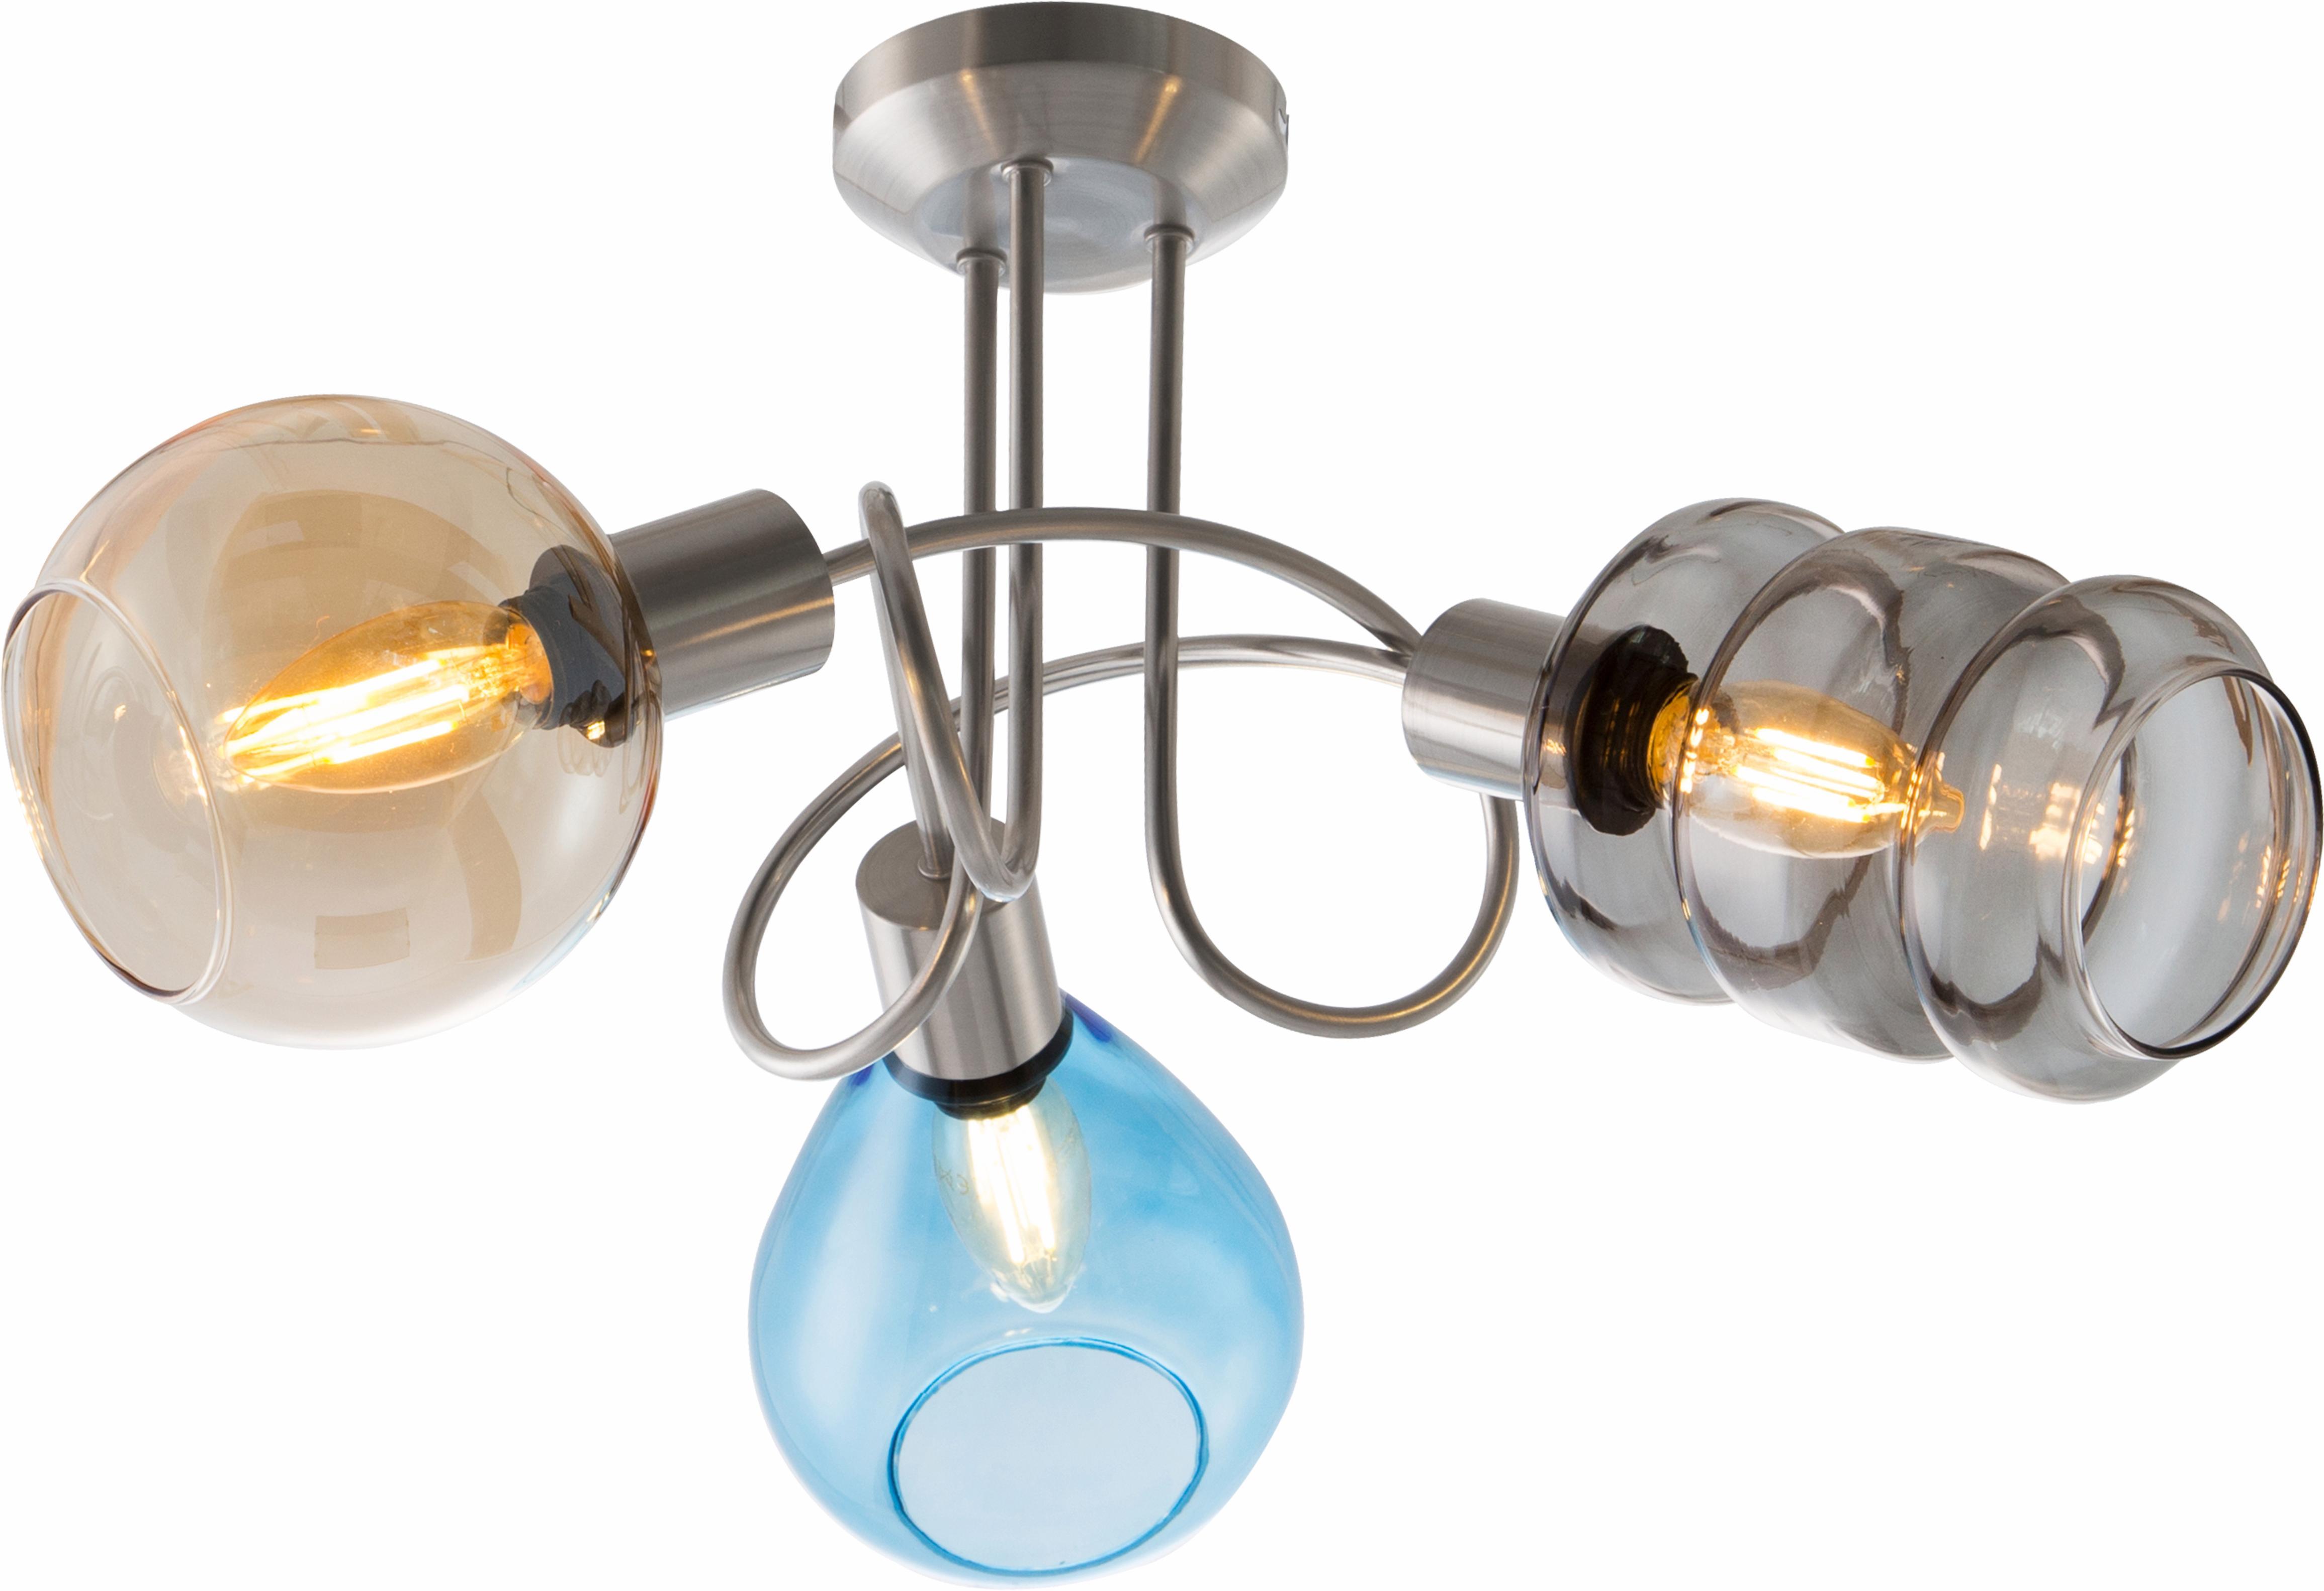 Nino Leuchten Deckenleuchte PESARO, E14, Deckenlampe